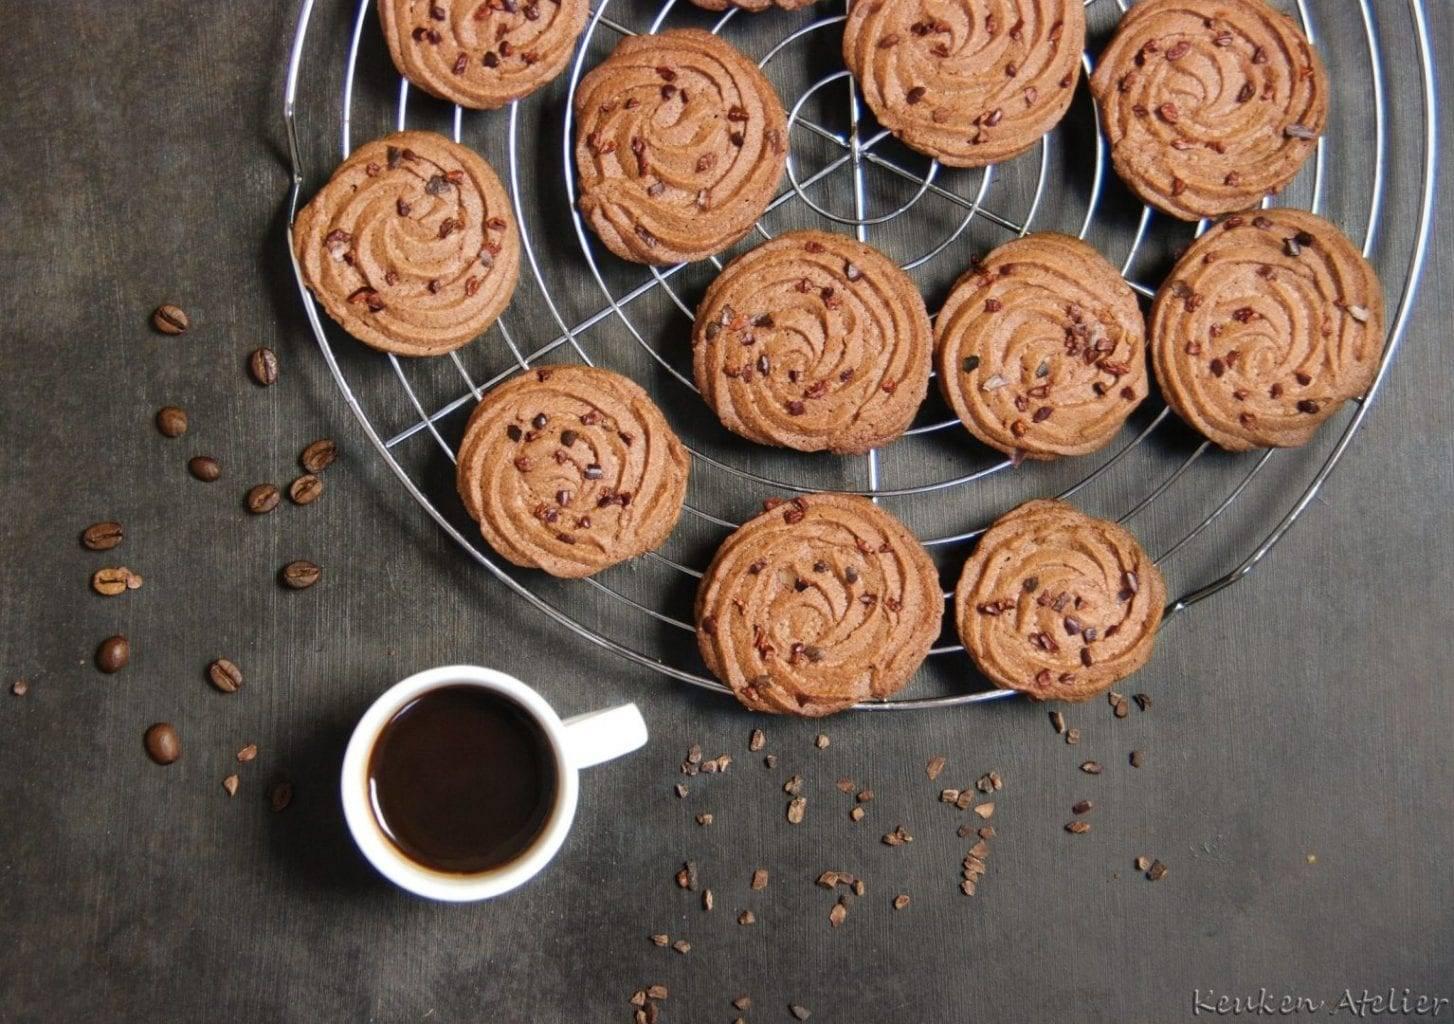 Chocolade Espresso koekjes, nóg lekkerder uit een oven met stoom